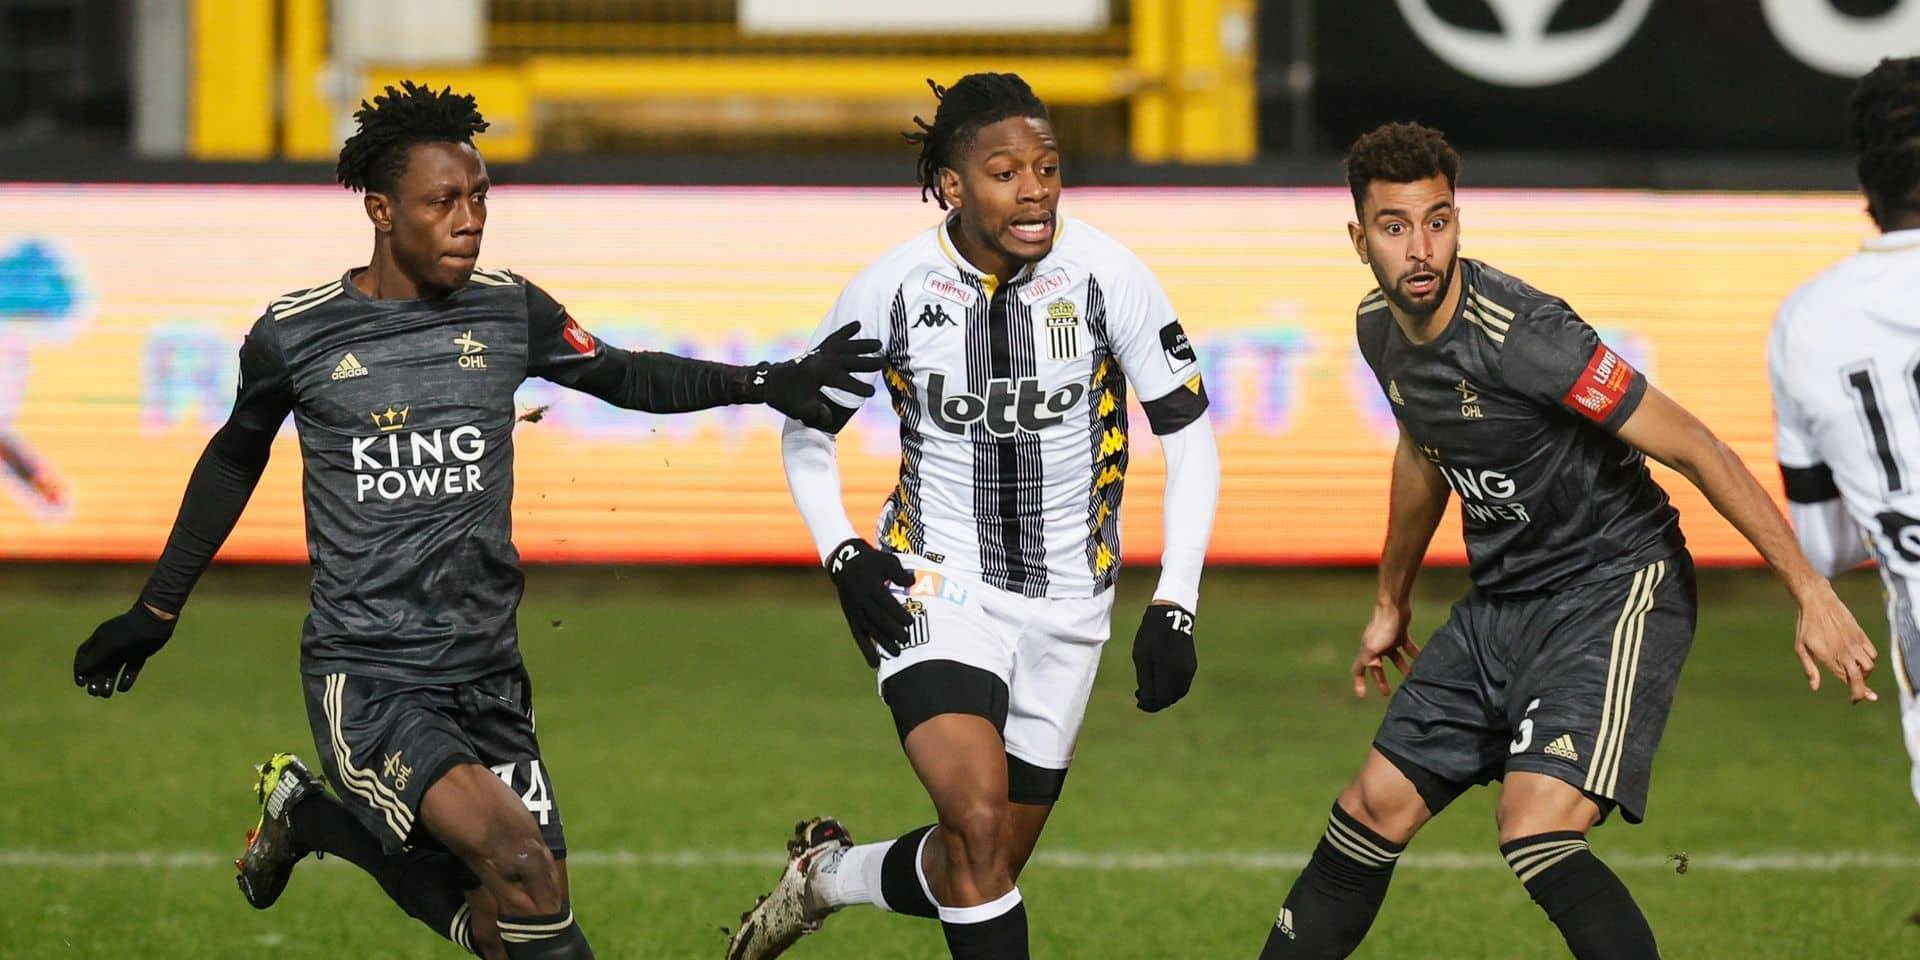 Charleroi partage contre l'OHL dans une rencontre animée (1-1), Gand revient dans les ultimes secondes contre Saint-Trond (1-1)